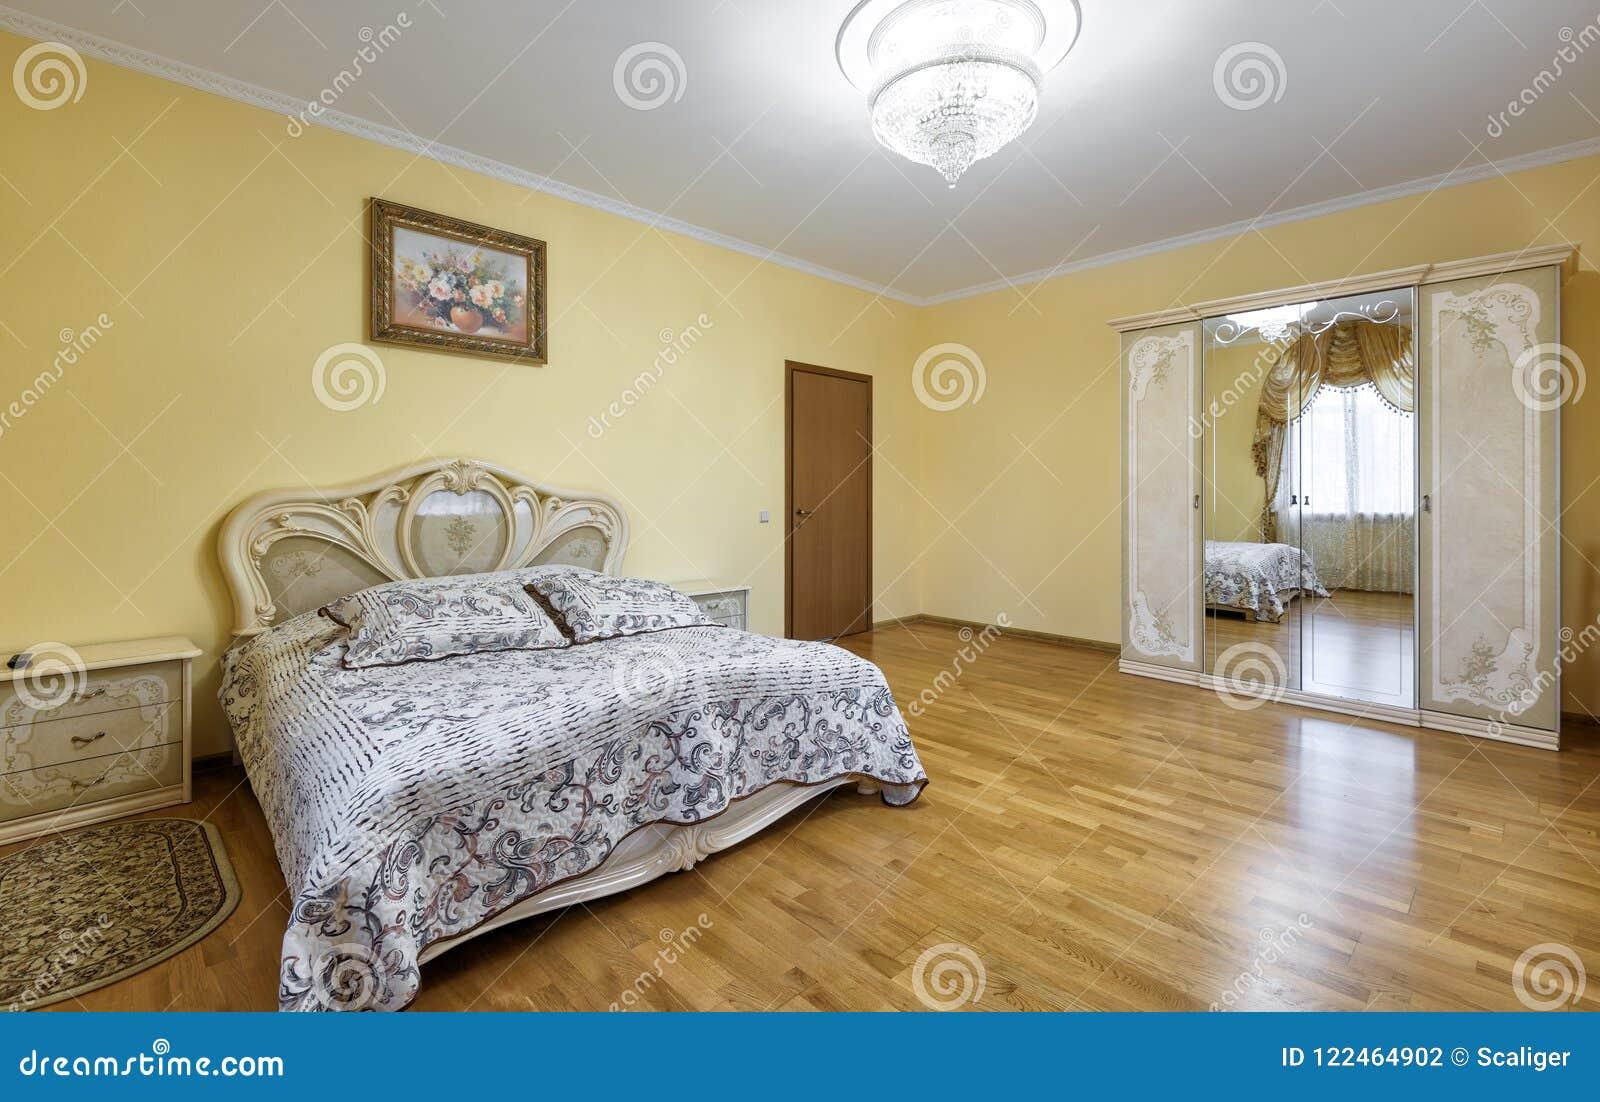 Les Couleurs Des Chambres 2018 intérieur moderne de chambre à coucher dans des couleurs